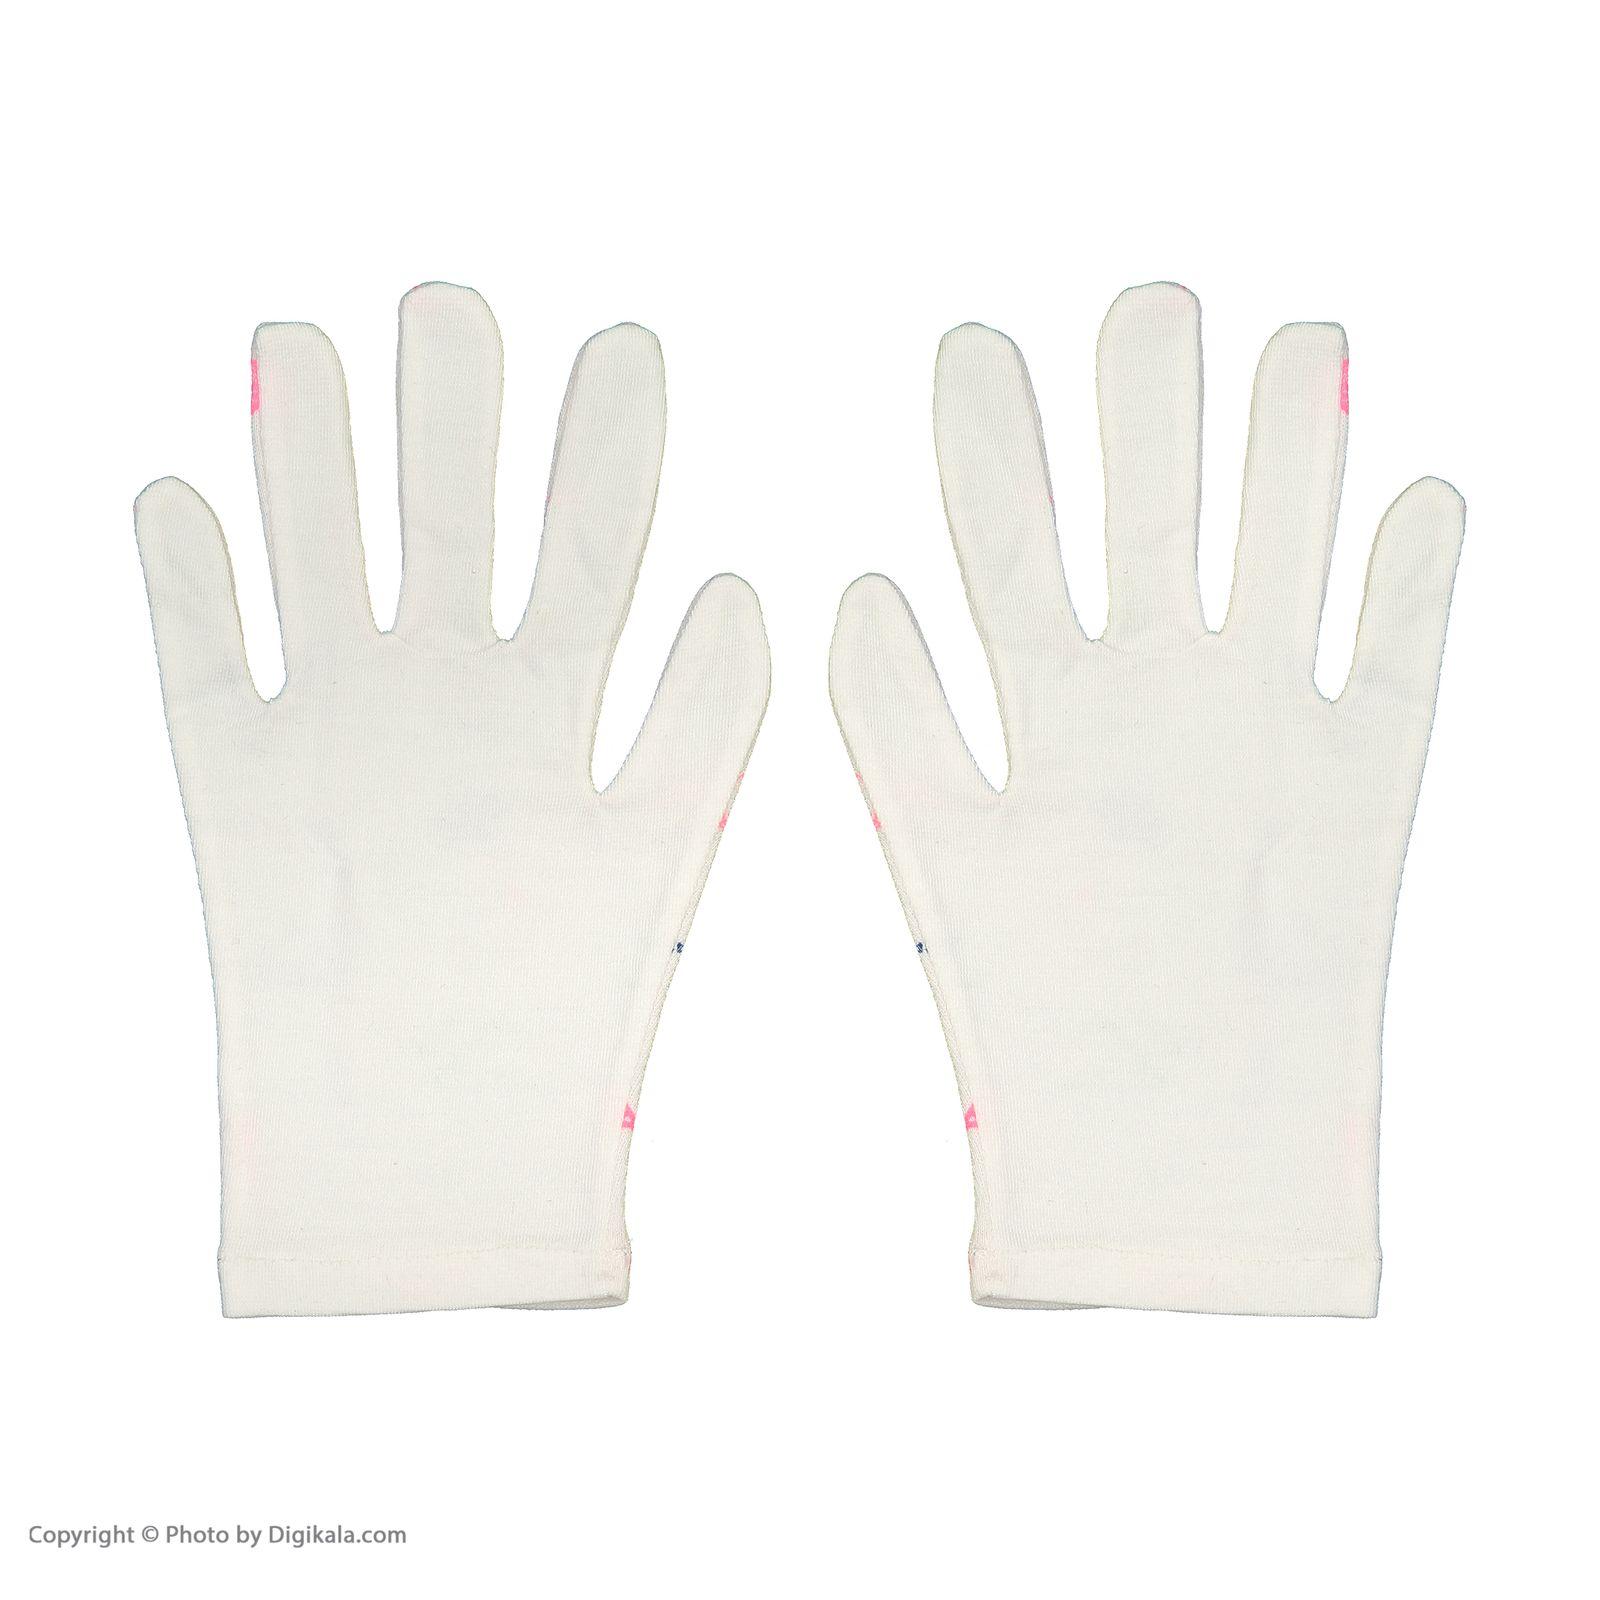 دستکش بچگانه کد 1001 -  - 3